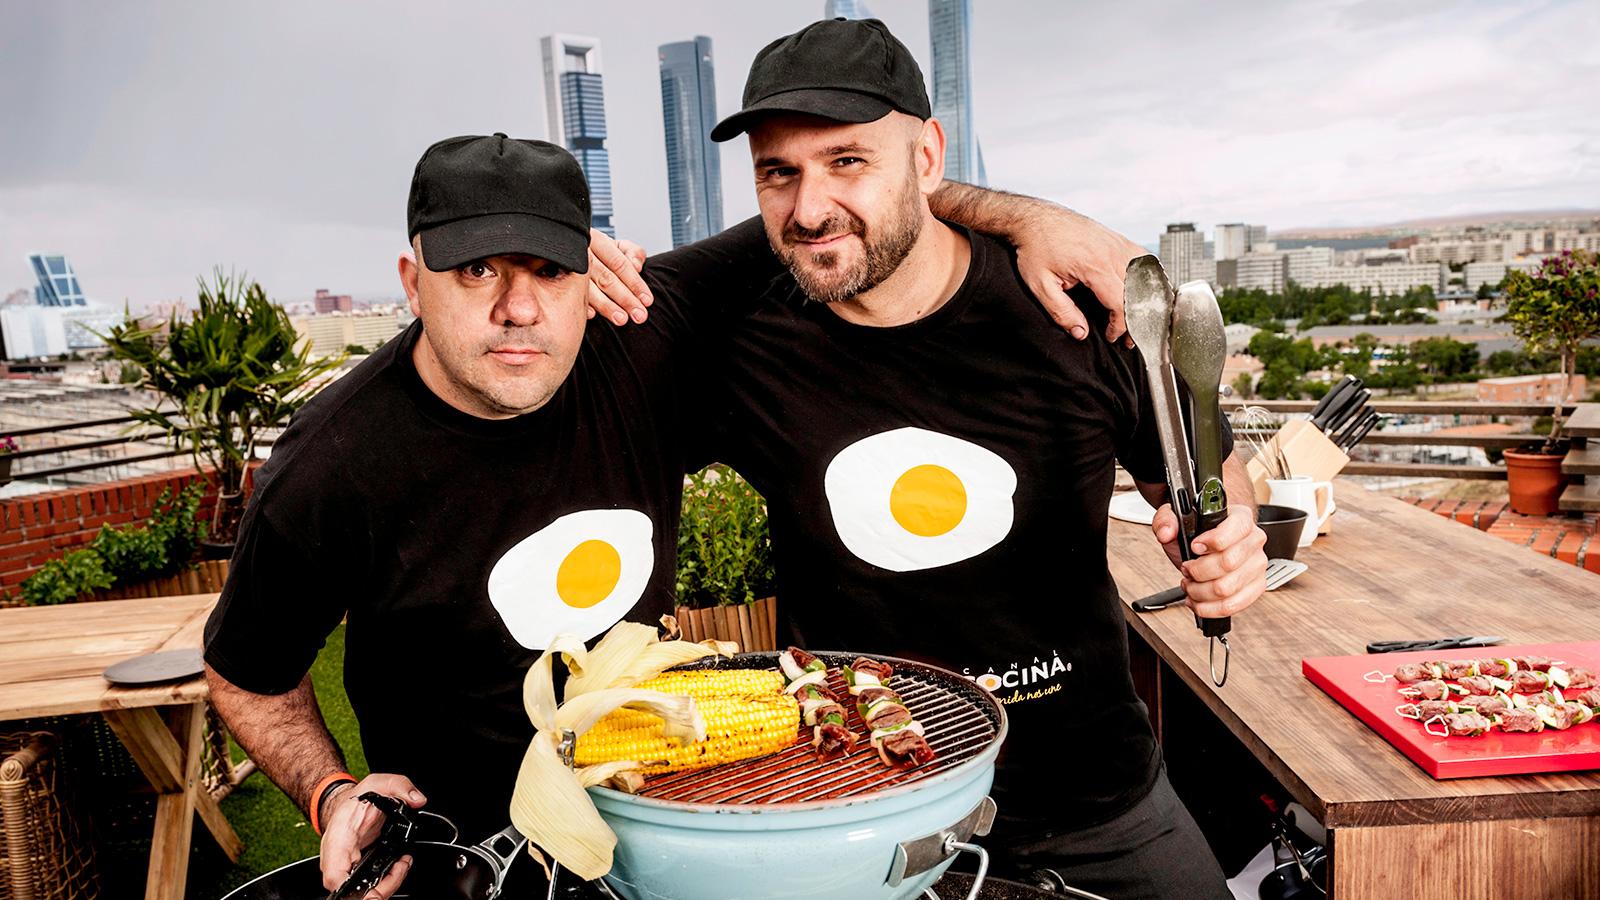 Escuela de cocina a la brasa bbq club cocineros canal for Cocineros de canal cocina